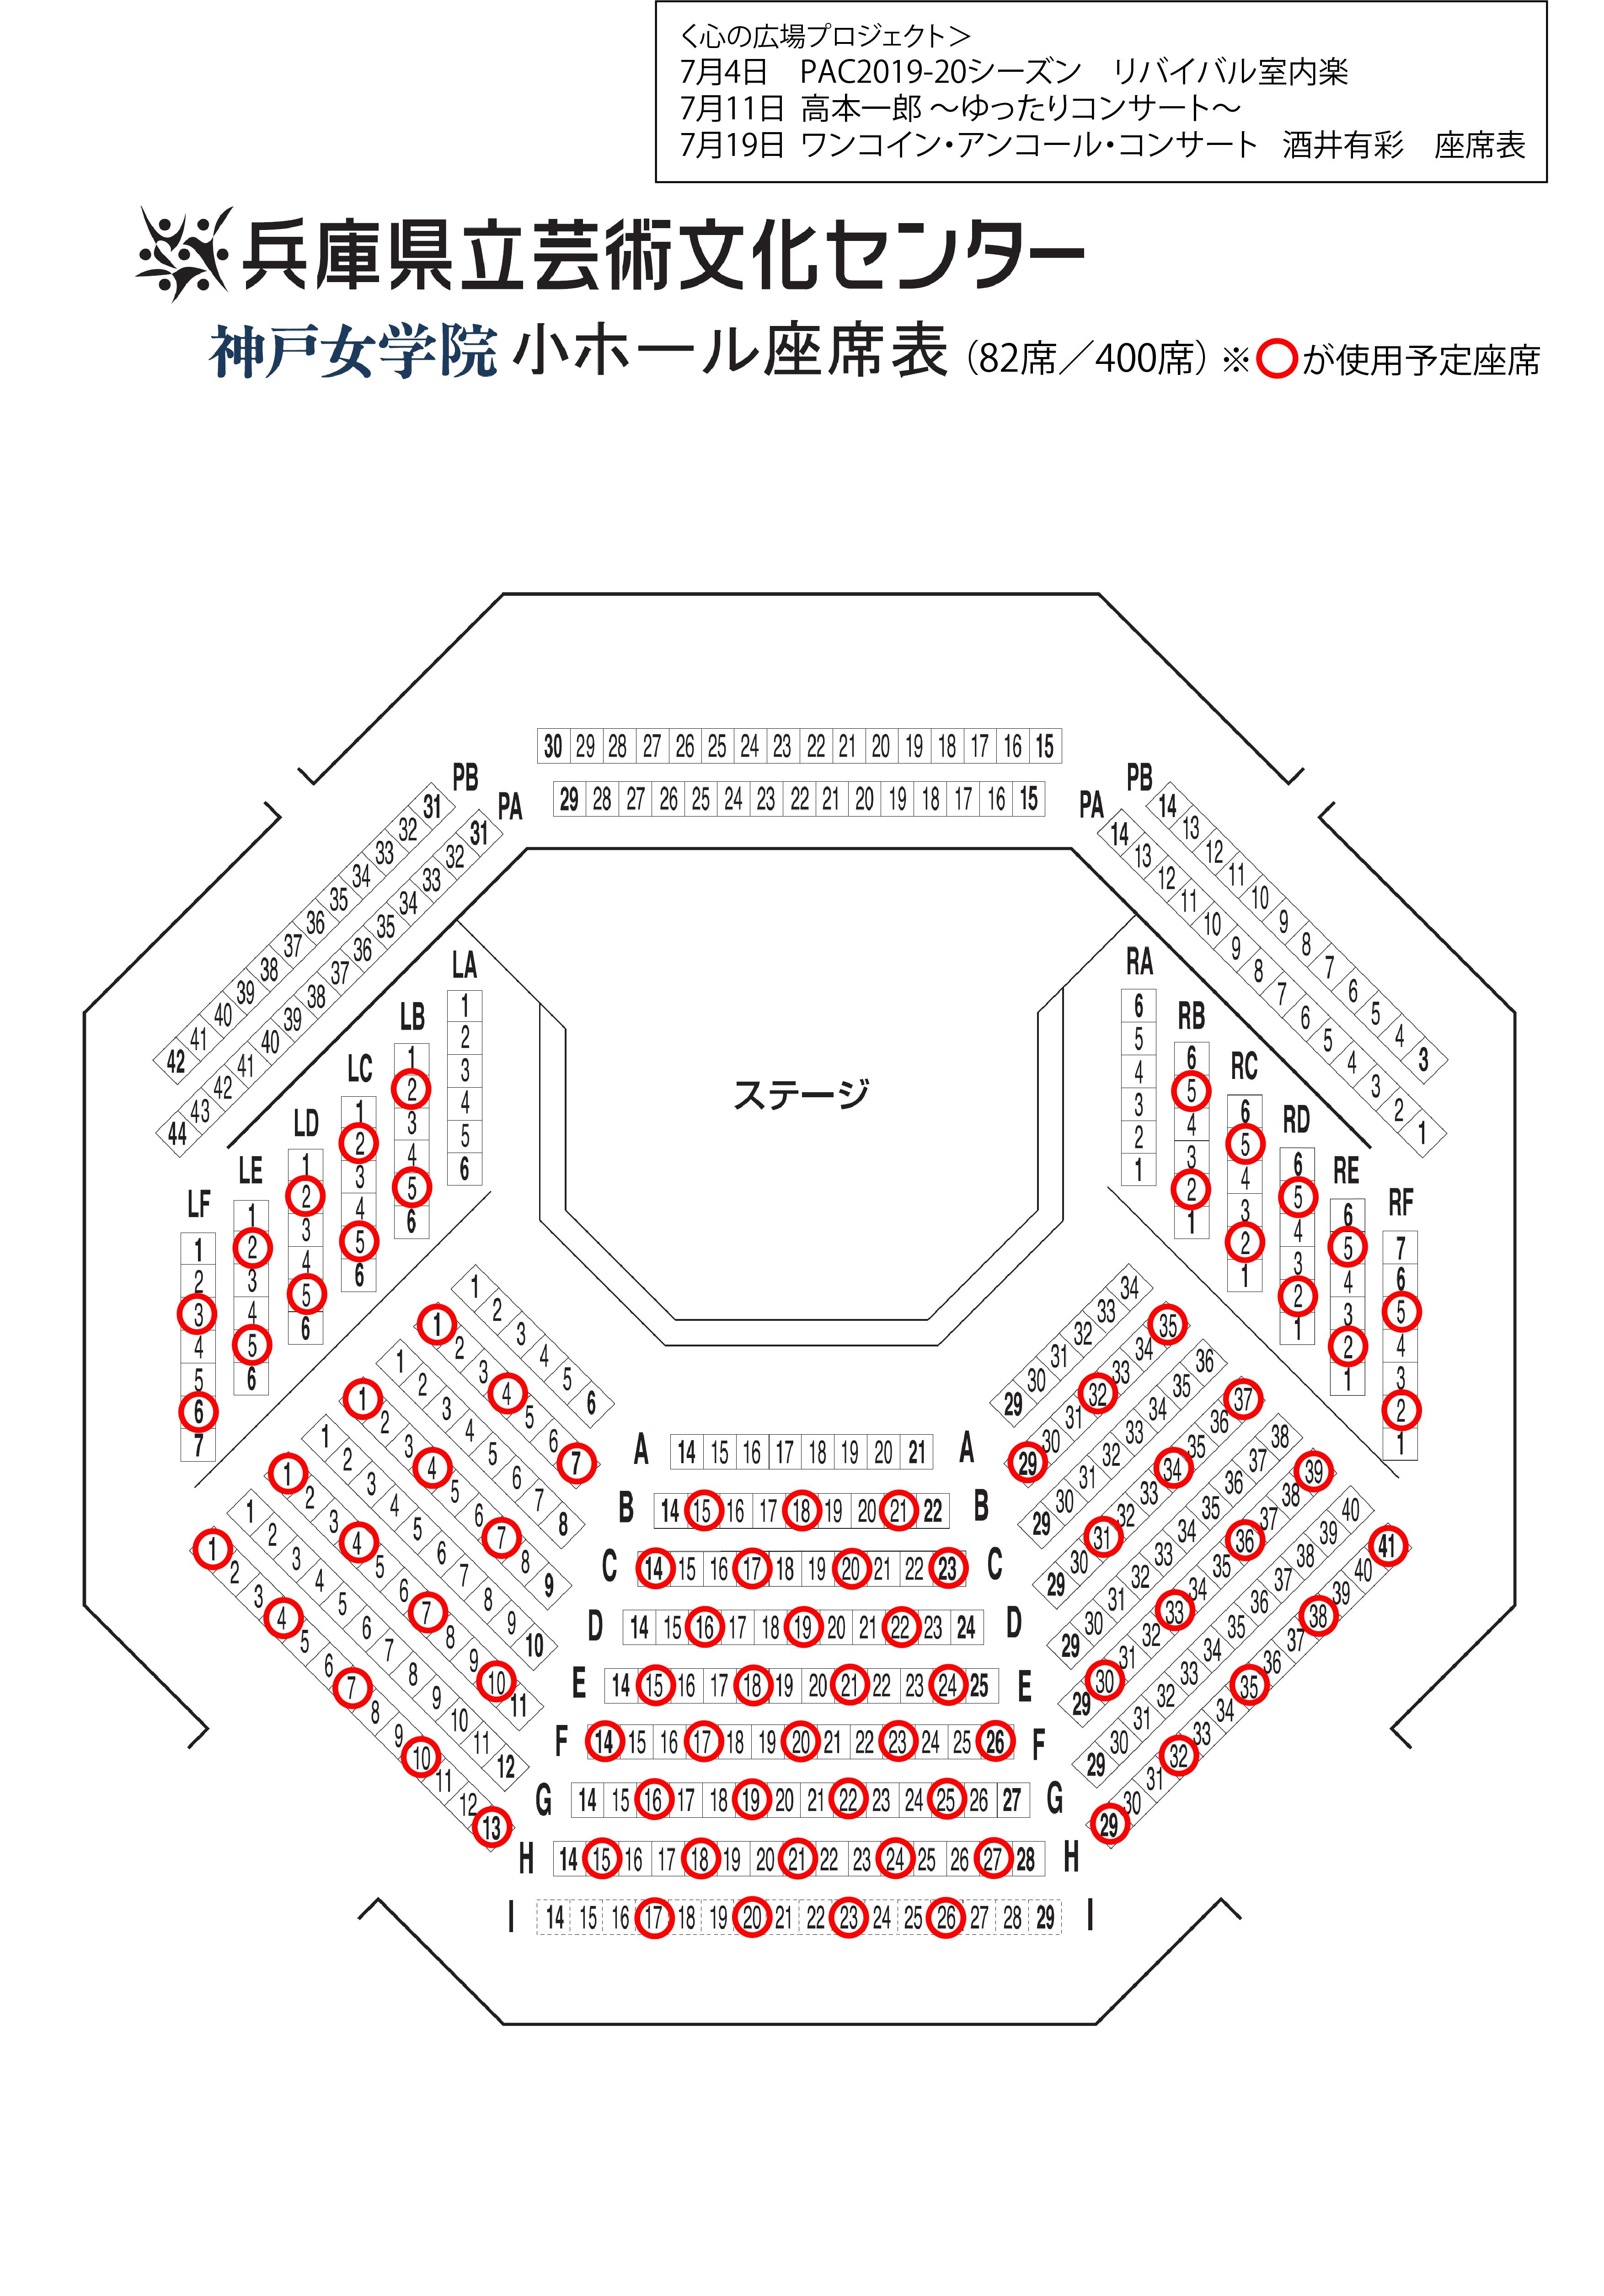 心の広場プロジェクト 神戸女学院小ホール座席表